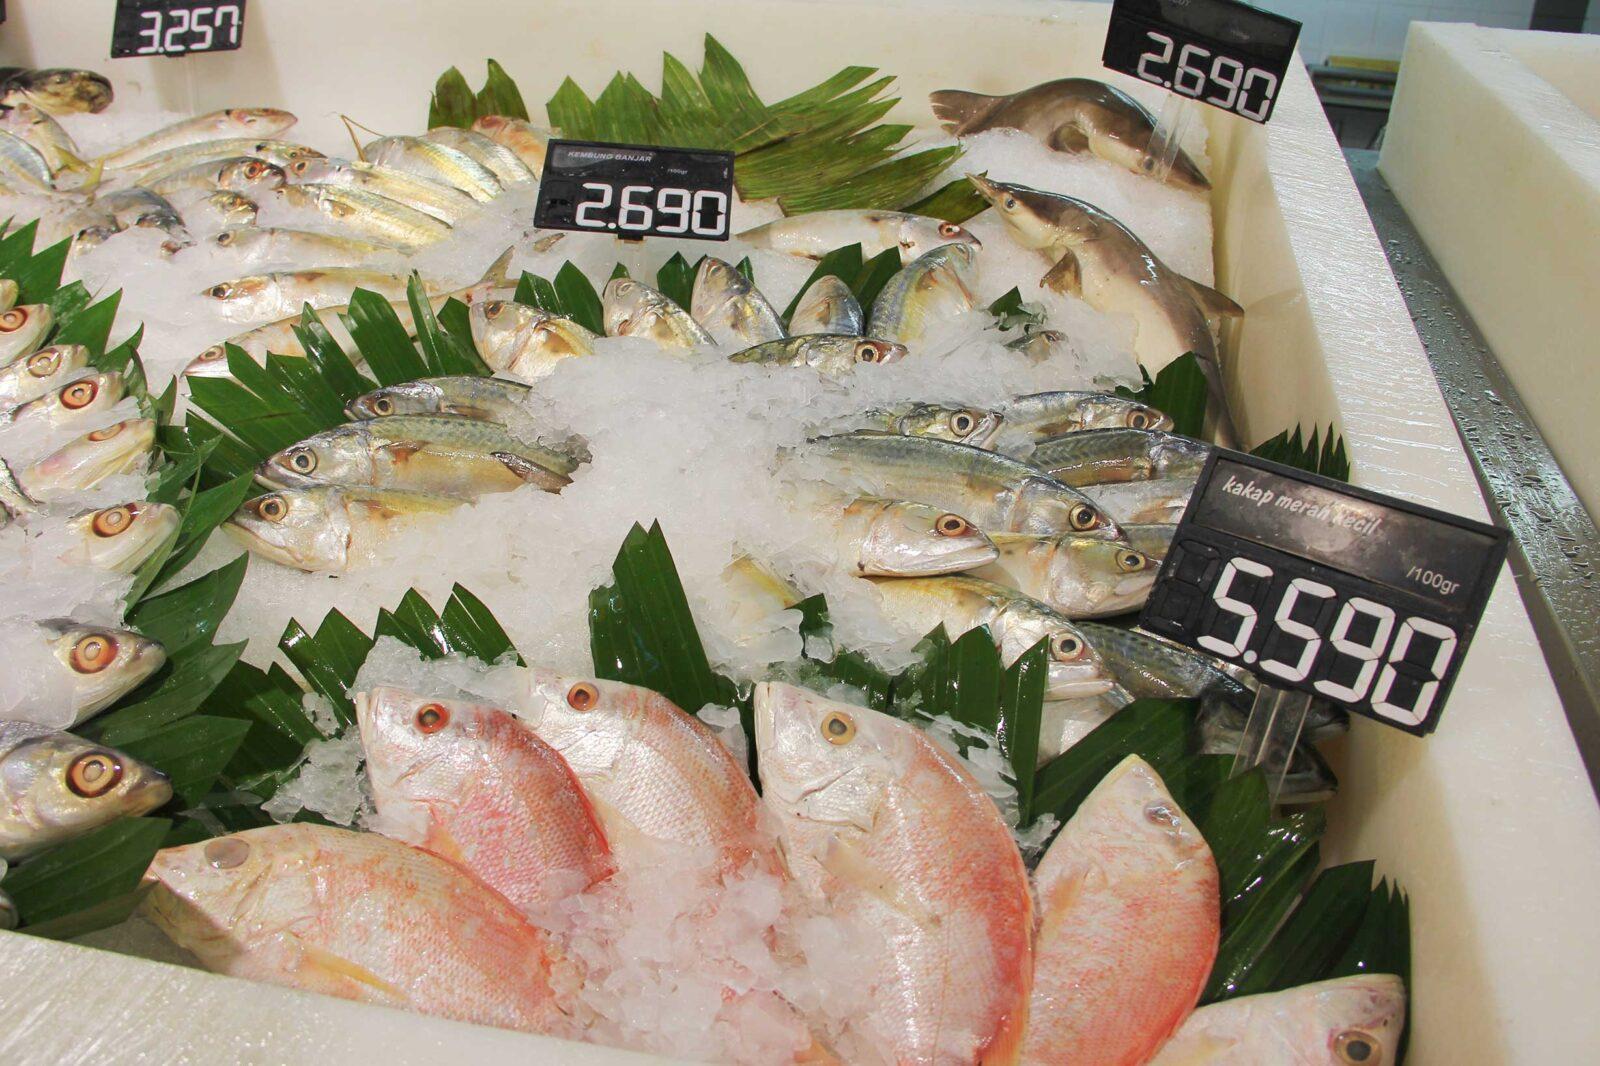 Pesan dari Dokter Tan: Ikan Jangan digoreng!